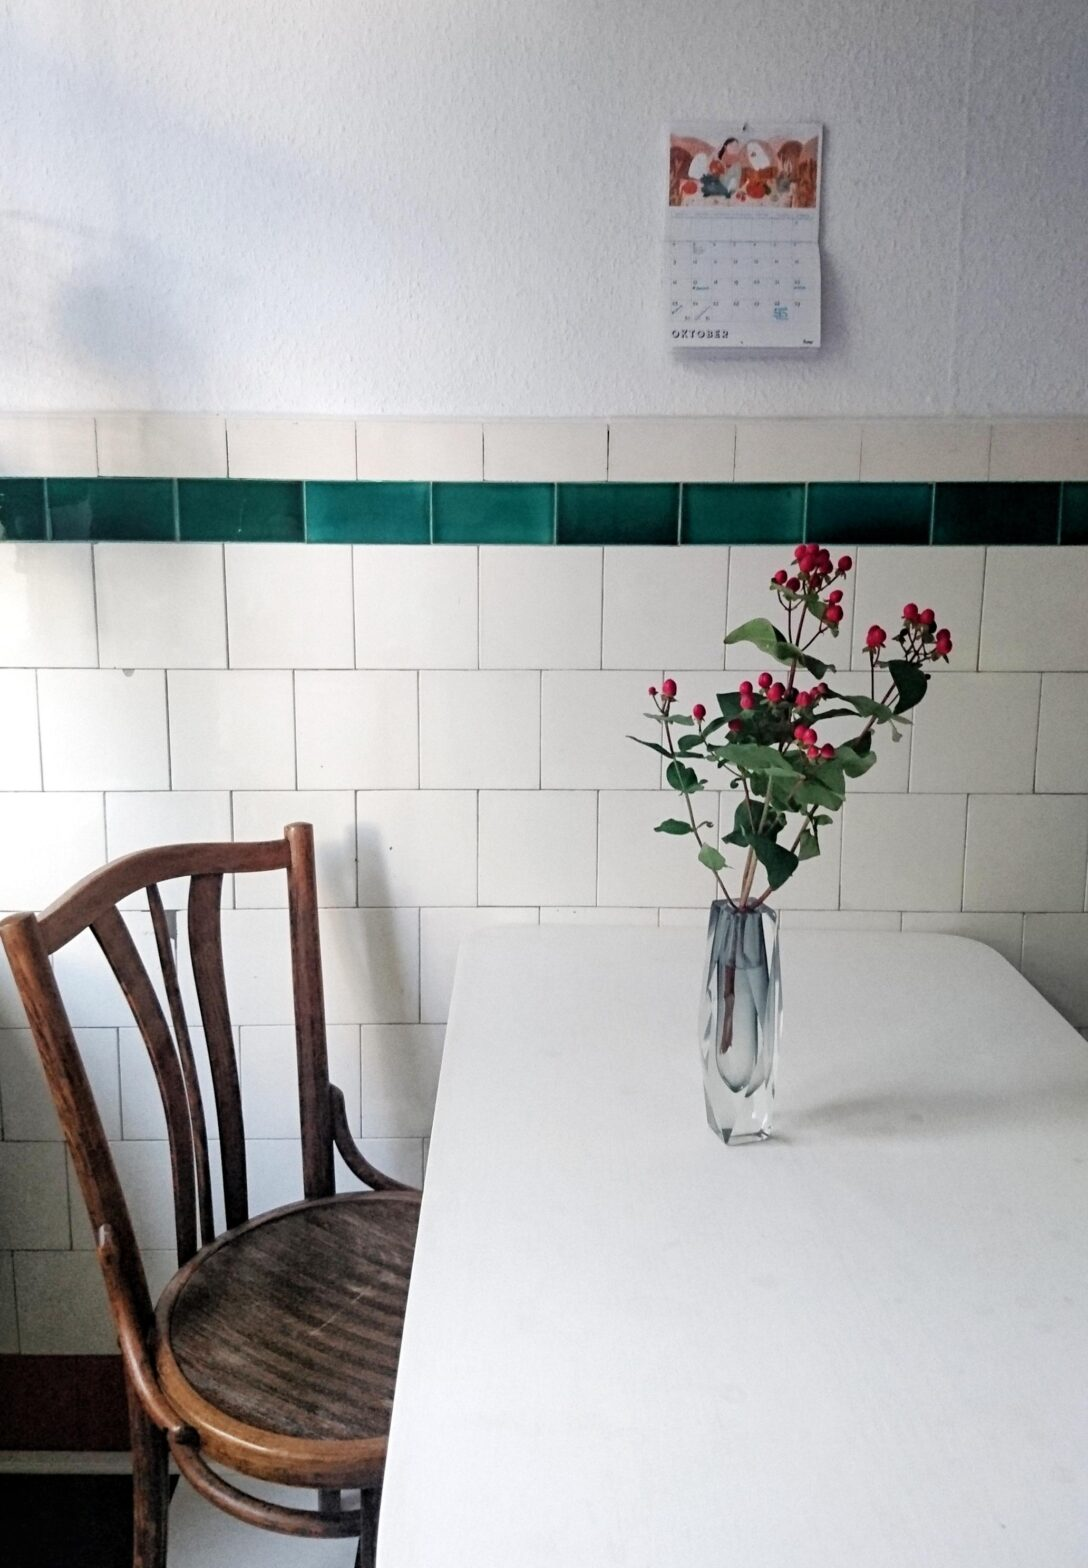 Large Size of Farbe In Der Kche So Wirds Wohnlich Wandregal Küche Landhaus Modul Schubladeneinsatz Bad Griesbach Fürstenhof Einbauküche L Form Nobilia Billige Vinylboden Wohnzimmer Wandfarben Für Küche